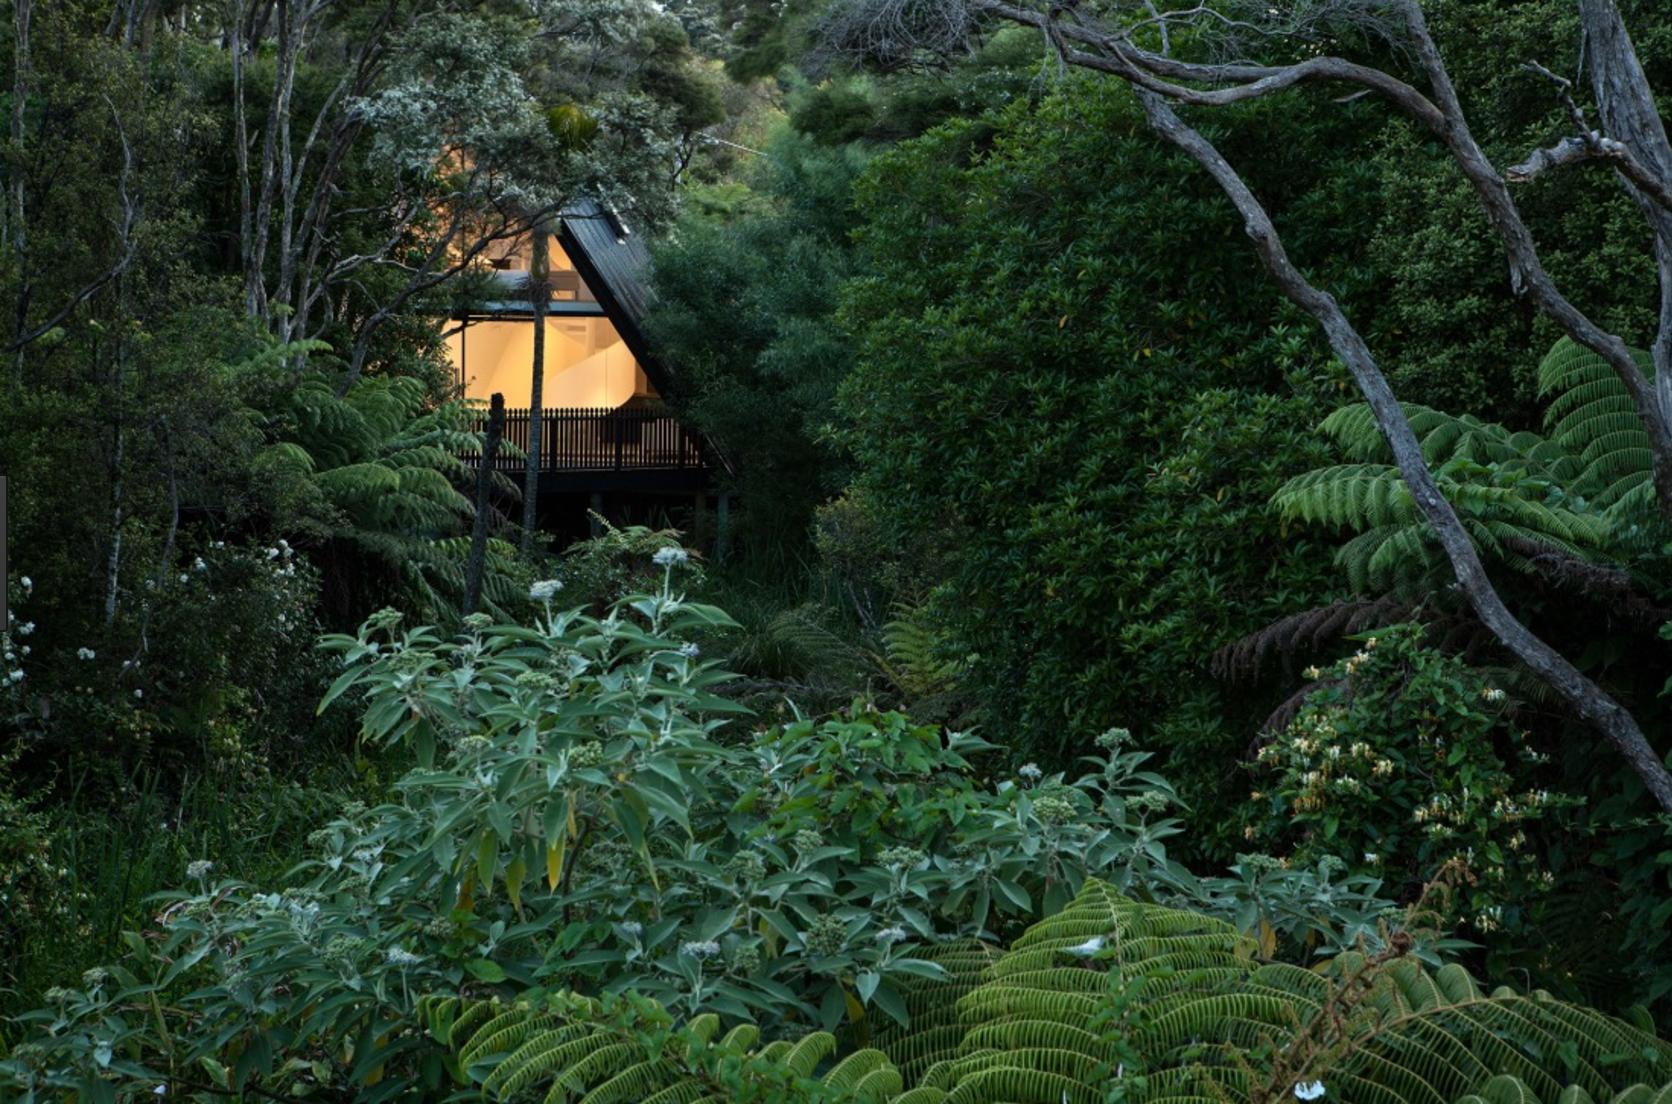 TENT HOUSE 📷 Simon Devitt